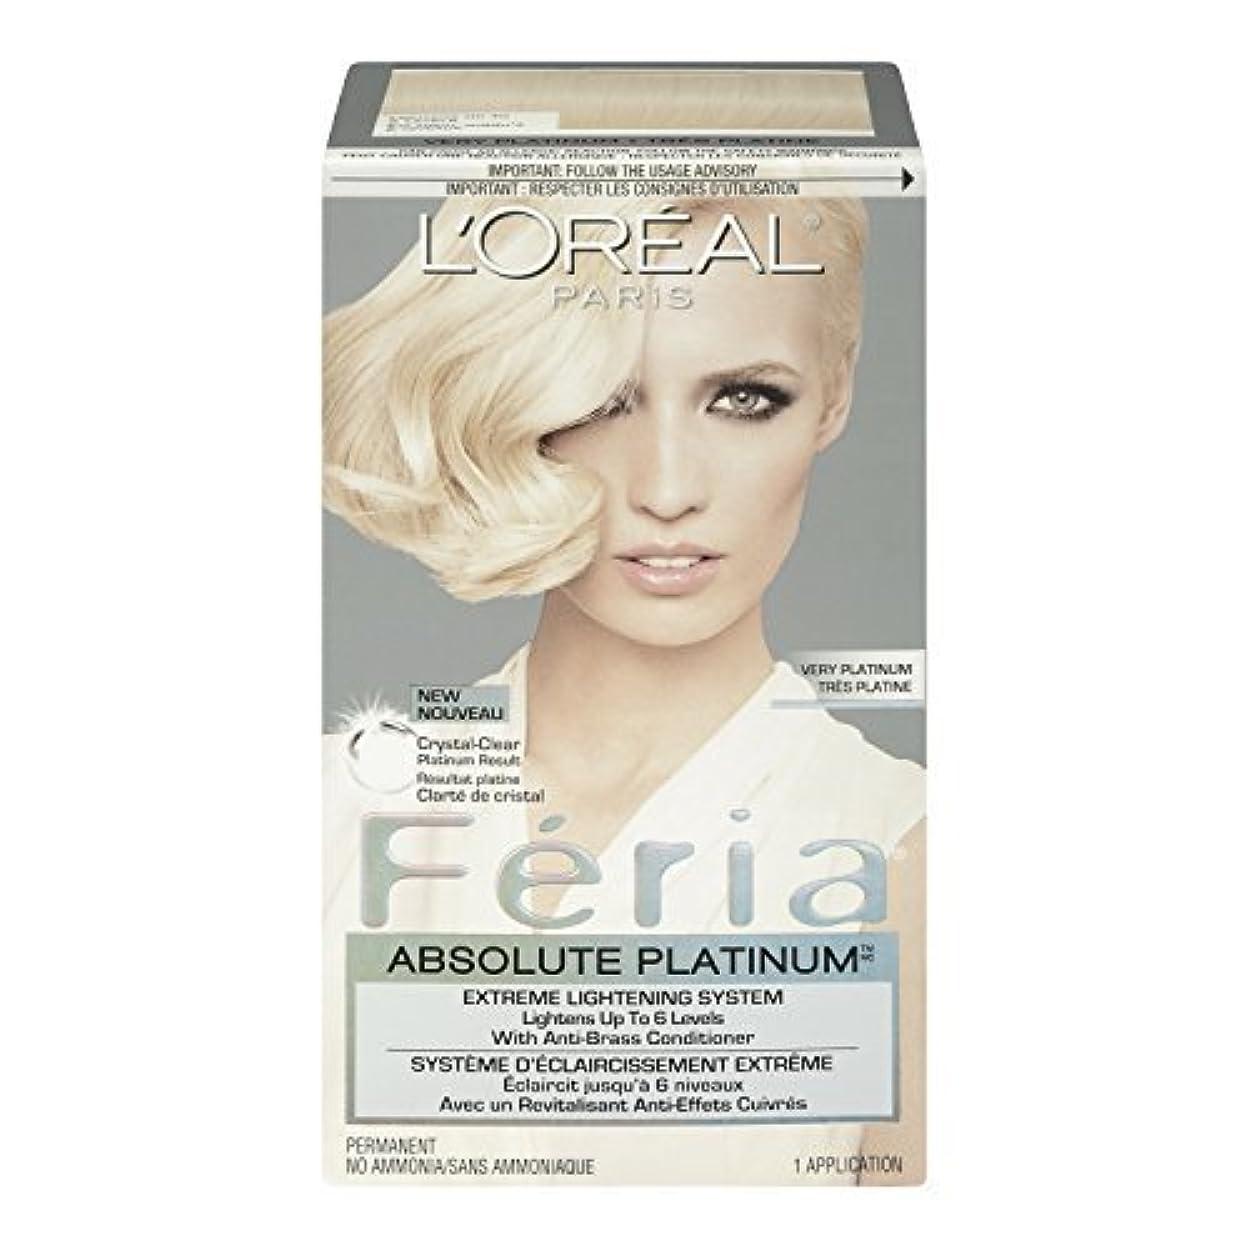 誓約水銀の助言L'Oreal Feria Absolute Platinums Hair Color, Very Platinum by L'Oreal Paris Hair Color [並行輸入品]